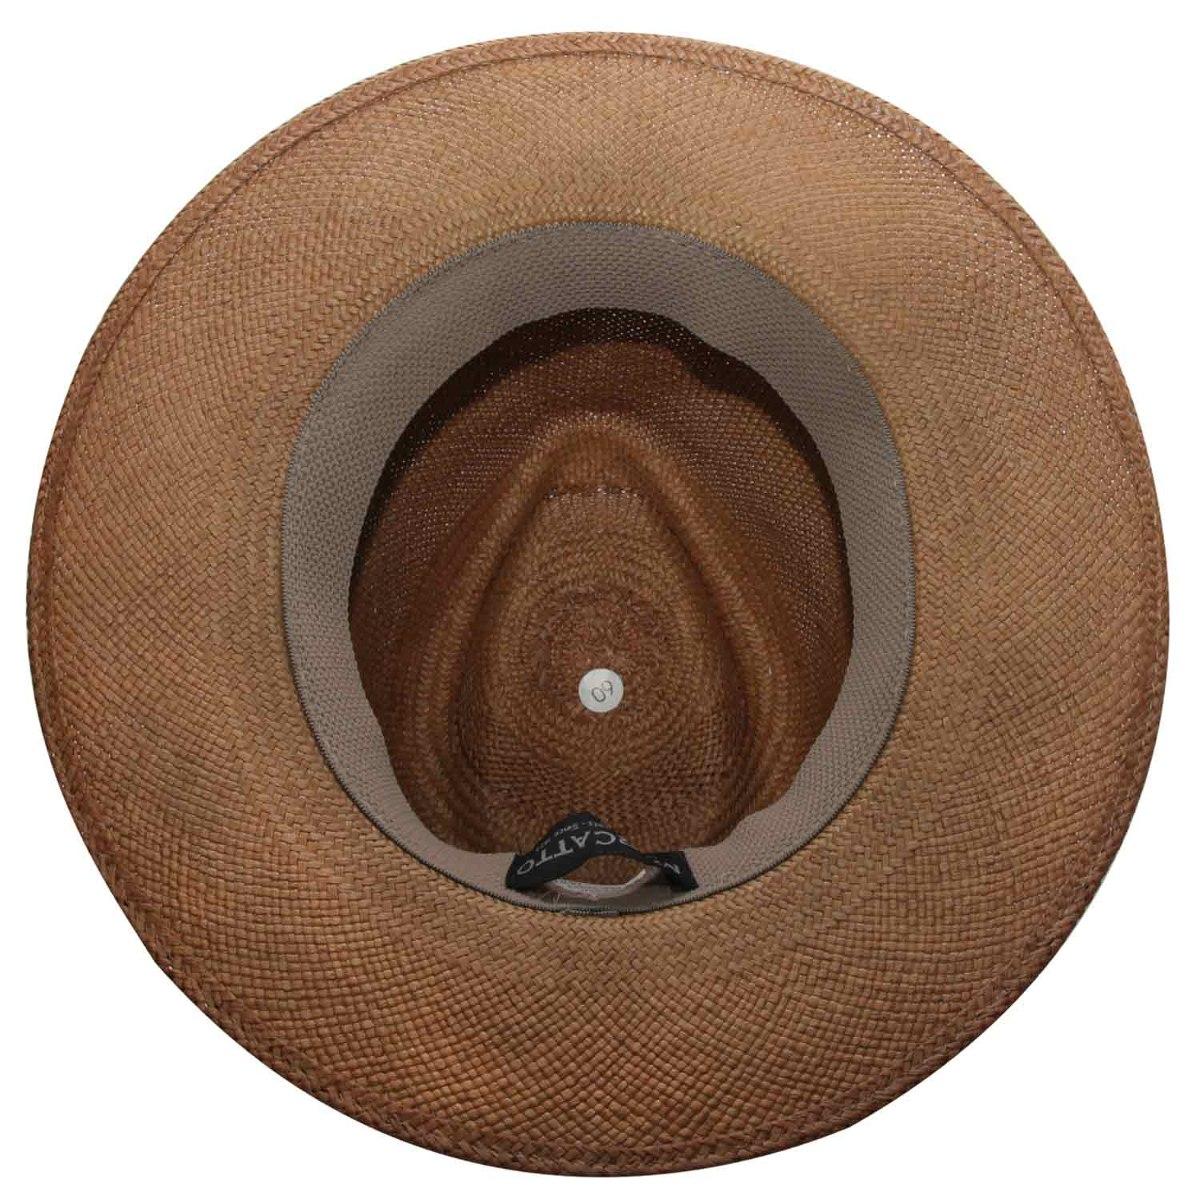 165d6b00aa1a0 chapéu panamá antony-marrom-tamanho 56. Carregando zoom.